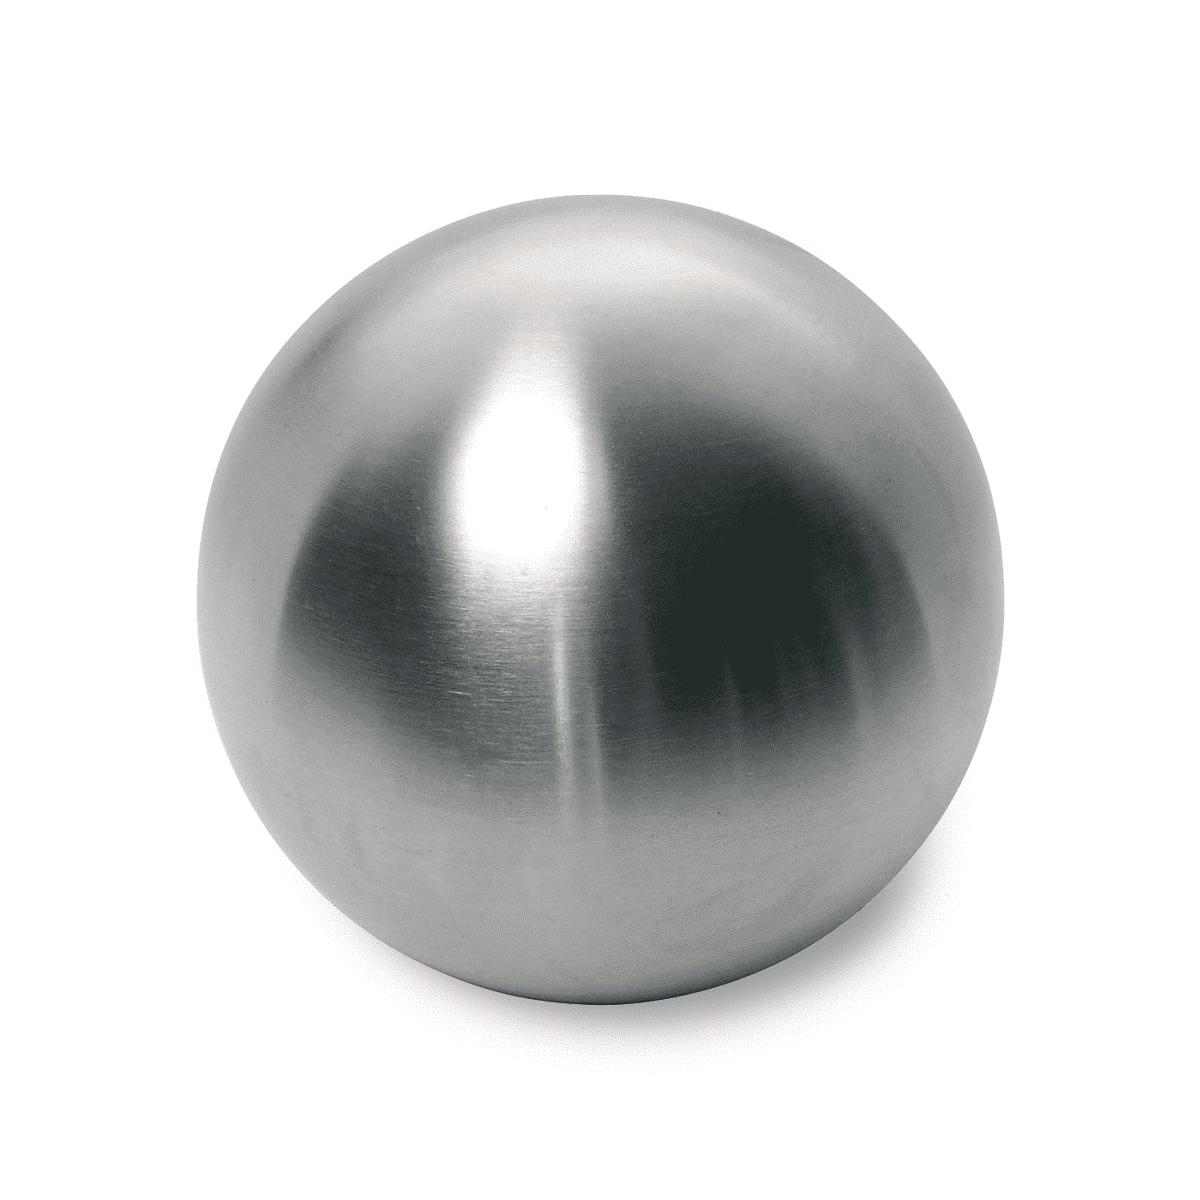 Metallkugel für Flocino Verstellschraube